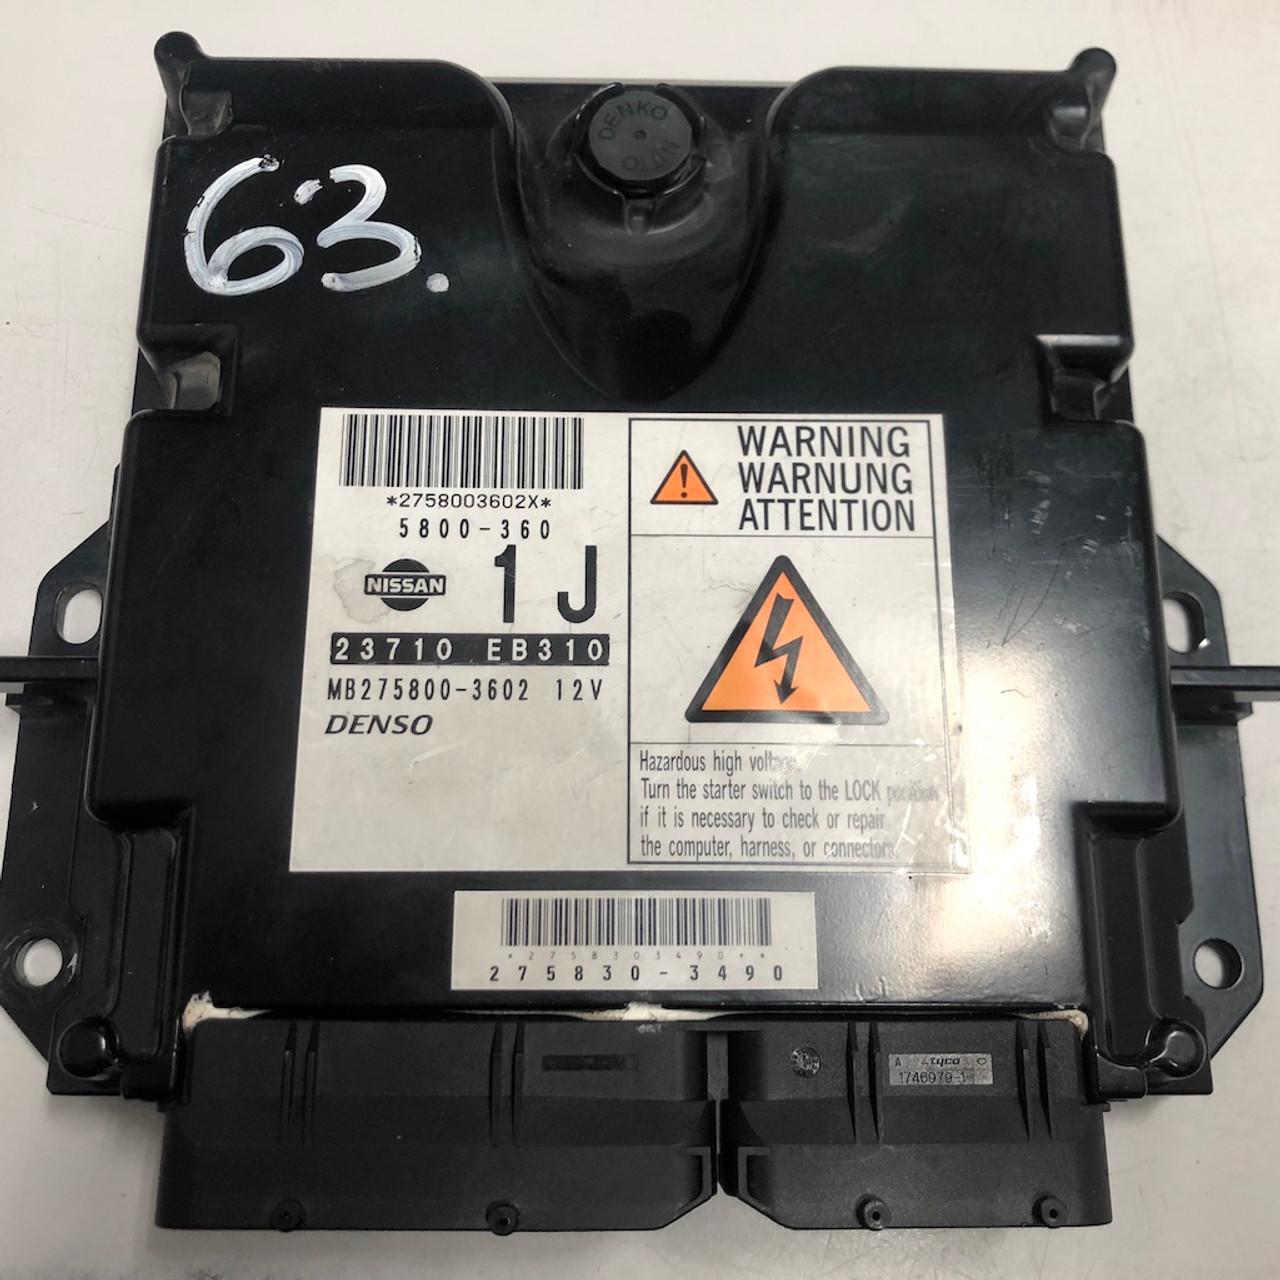 Nissan Navara 2.5DCi, 23710 EB310, MB275800-3602 12V, 1J